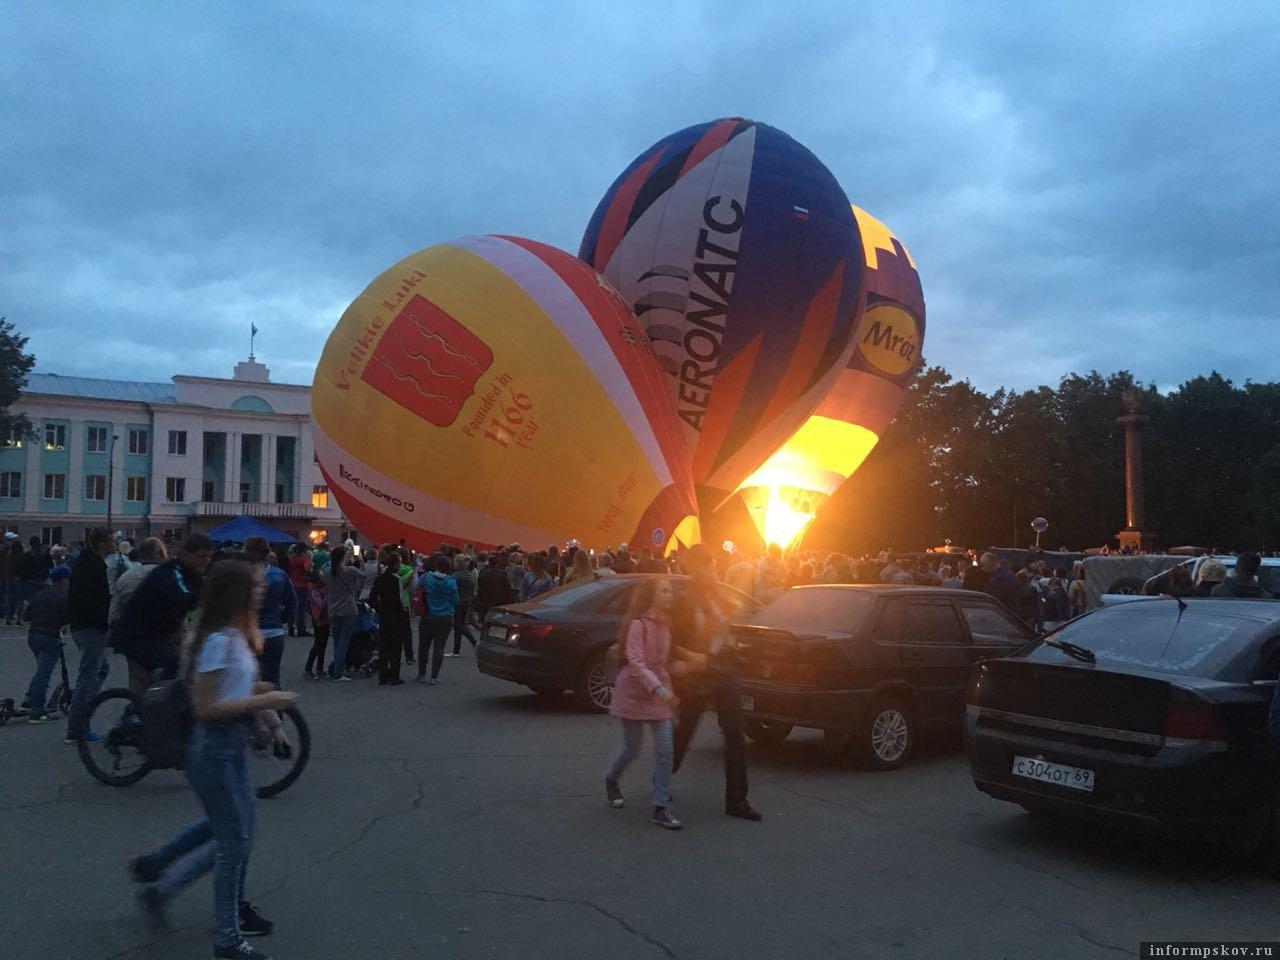 23-я Международная встреча воздухоплавателей в Великих Луках.